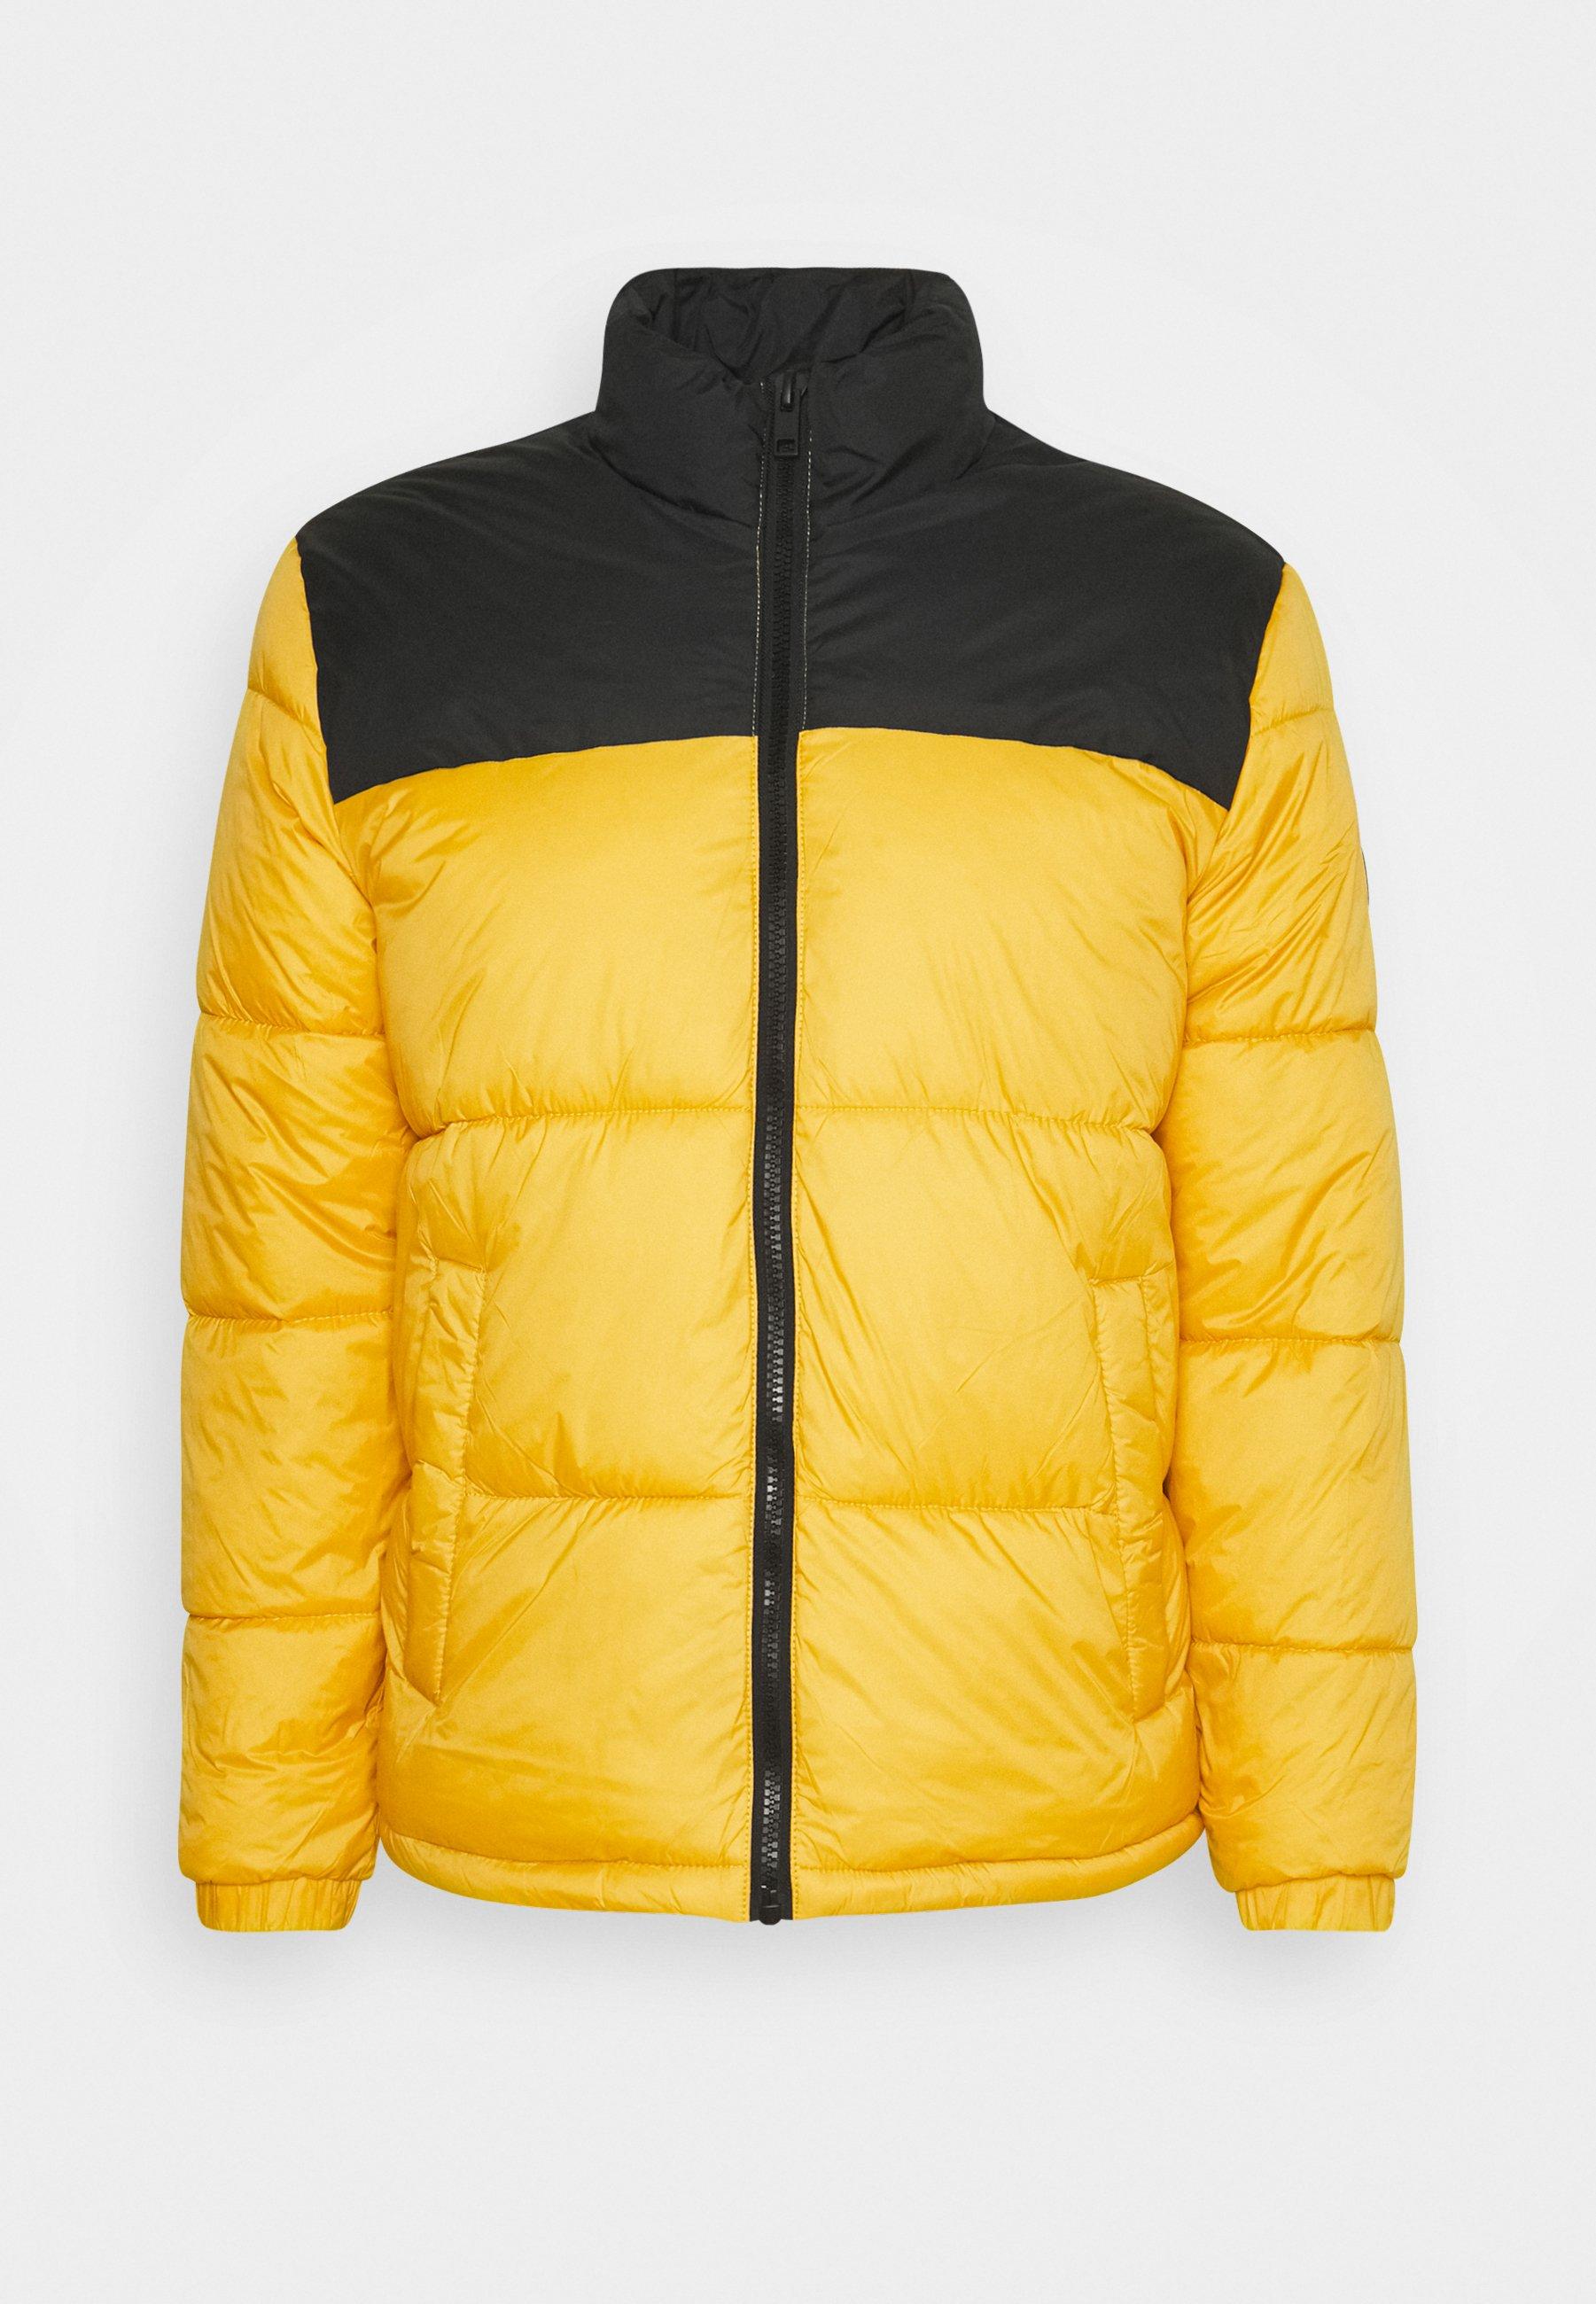 Gule Jakker | Herre | Nye jakker til herre på nett hos Zalando